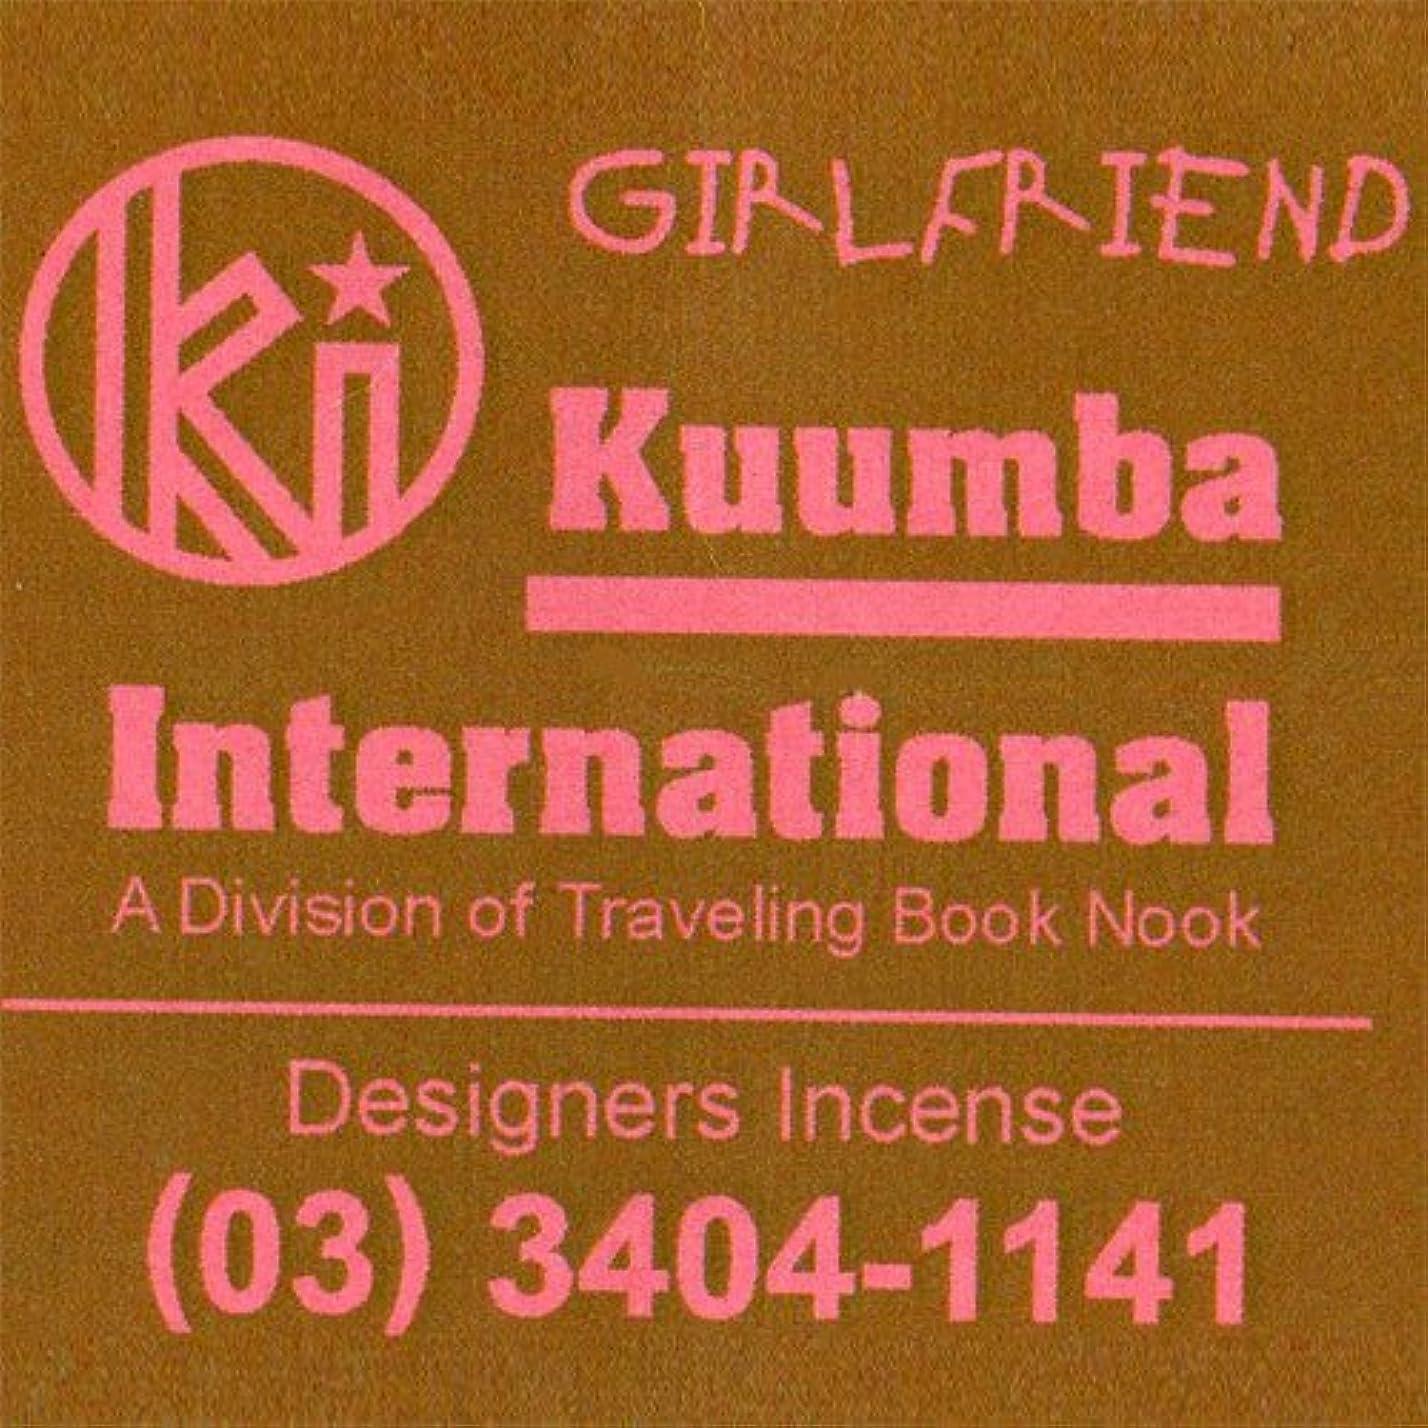 影響する壁紙のぞき穴KUUMBA / クンバ『incense』(GIRL FRIEND) (Regular size)